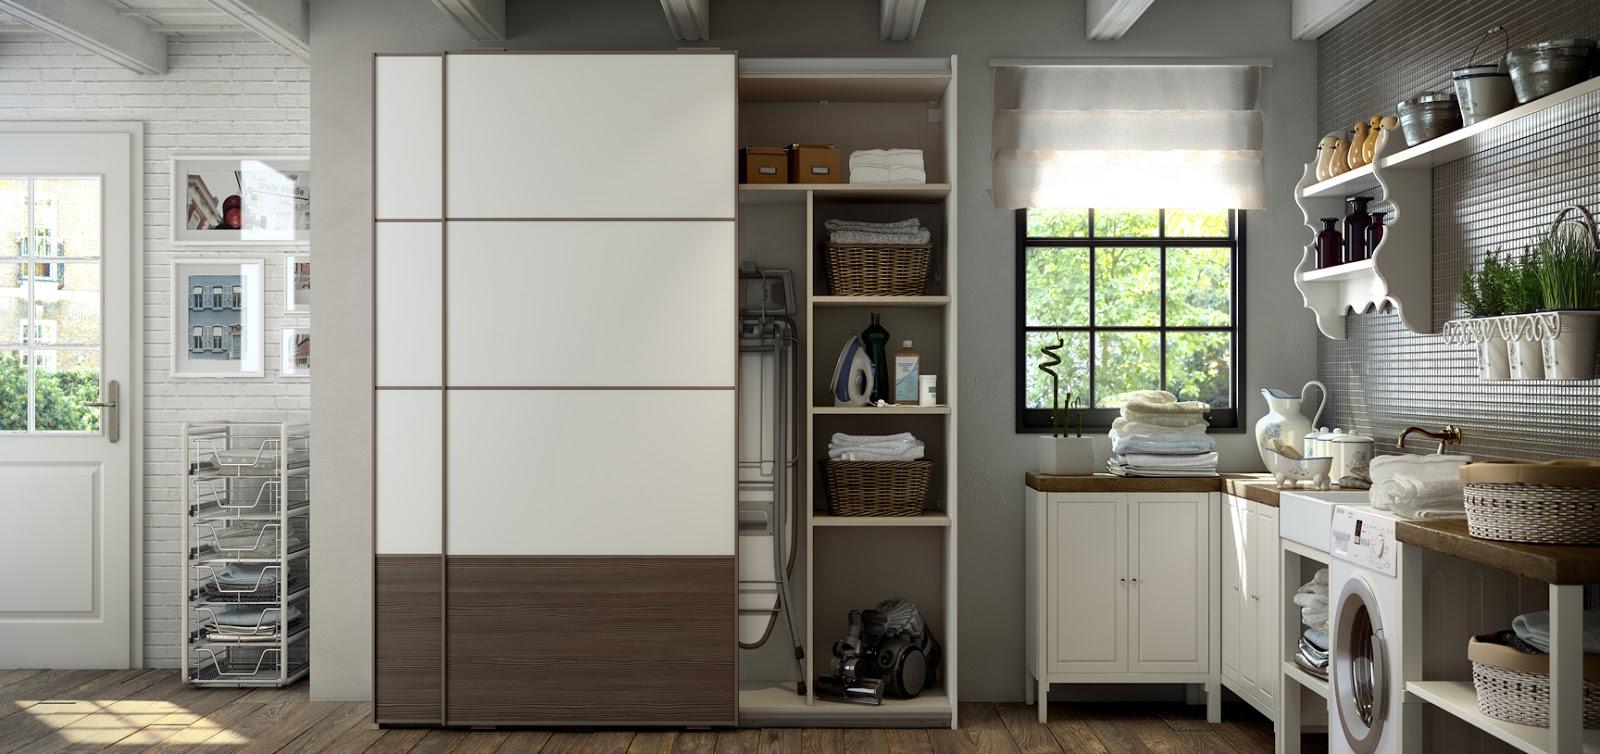 Decoraci n f cil dise ar tu armario a medida ideal - Disenar un armario ...